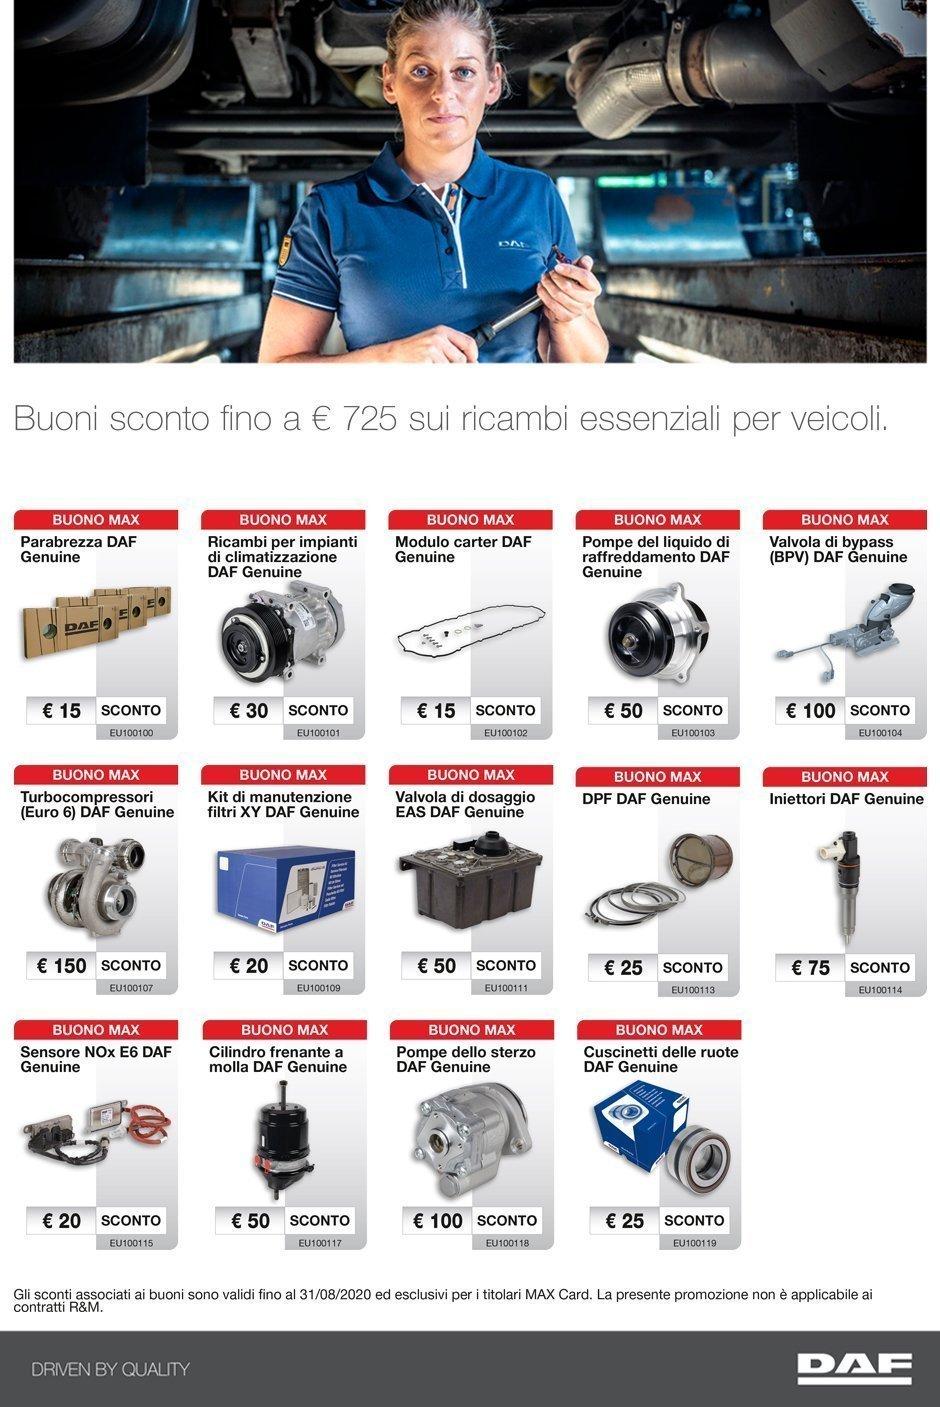 Buoni sconto fino a 725€ ricambi essenziali per veicoli industriali